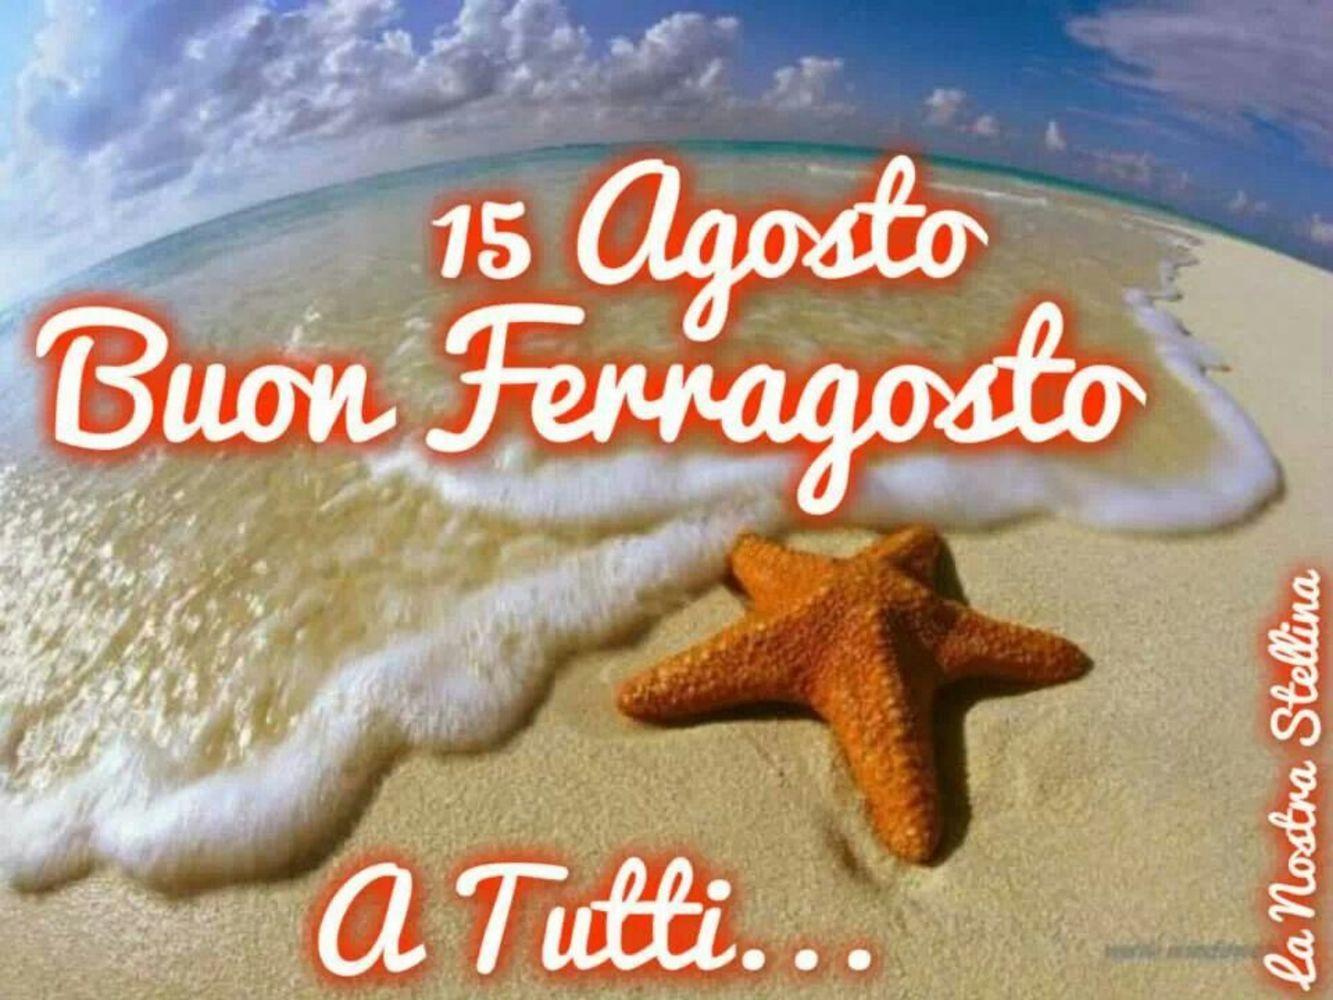 Immgini-Buon-Ferragosto-Nuove-Belle-per-Whatsapp-63